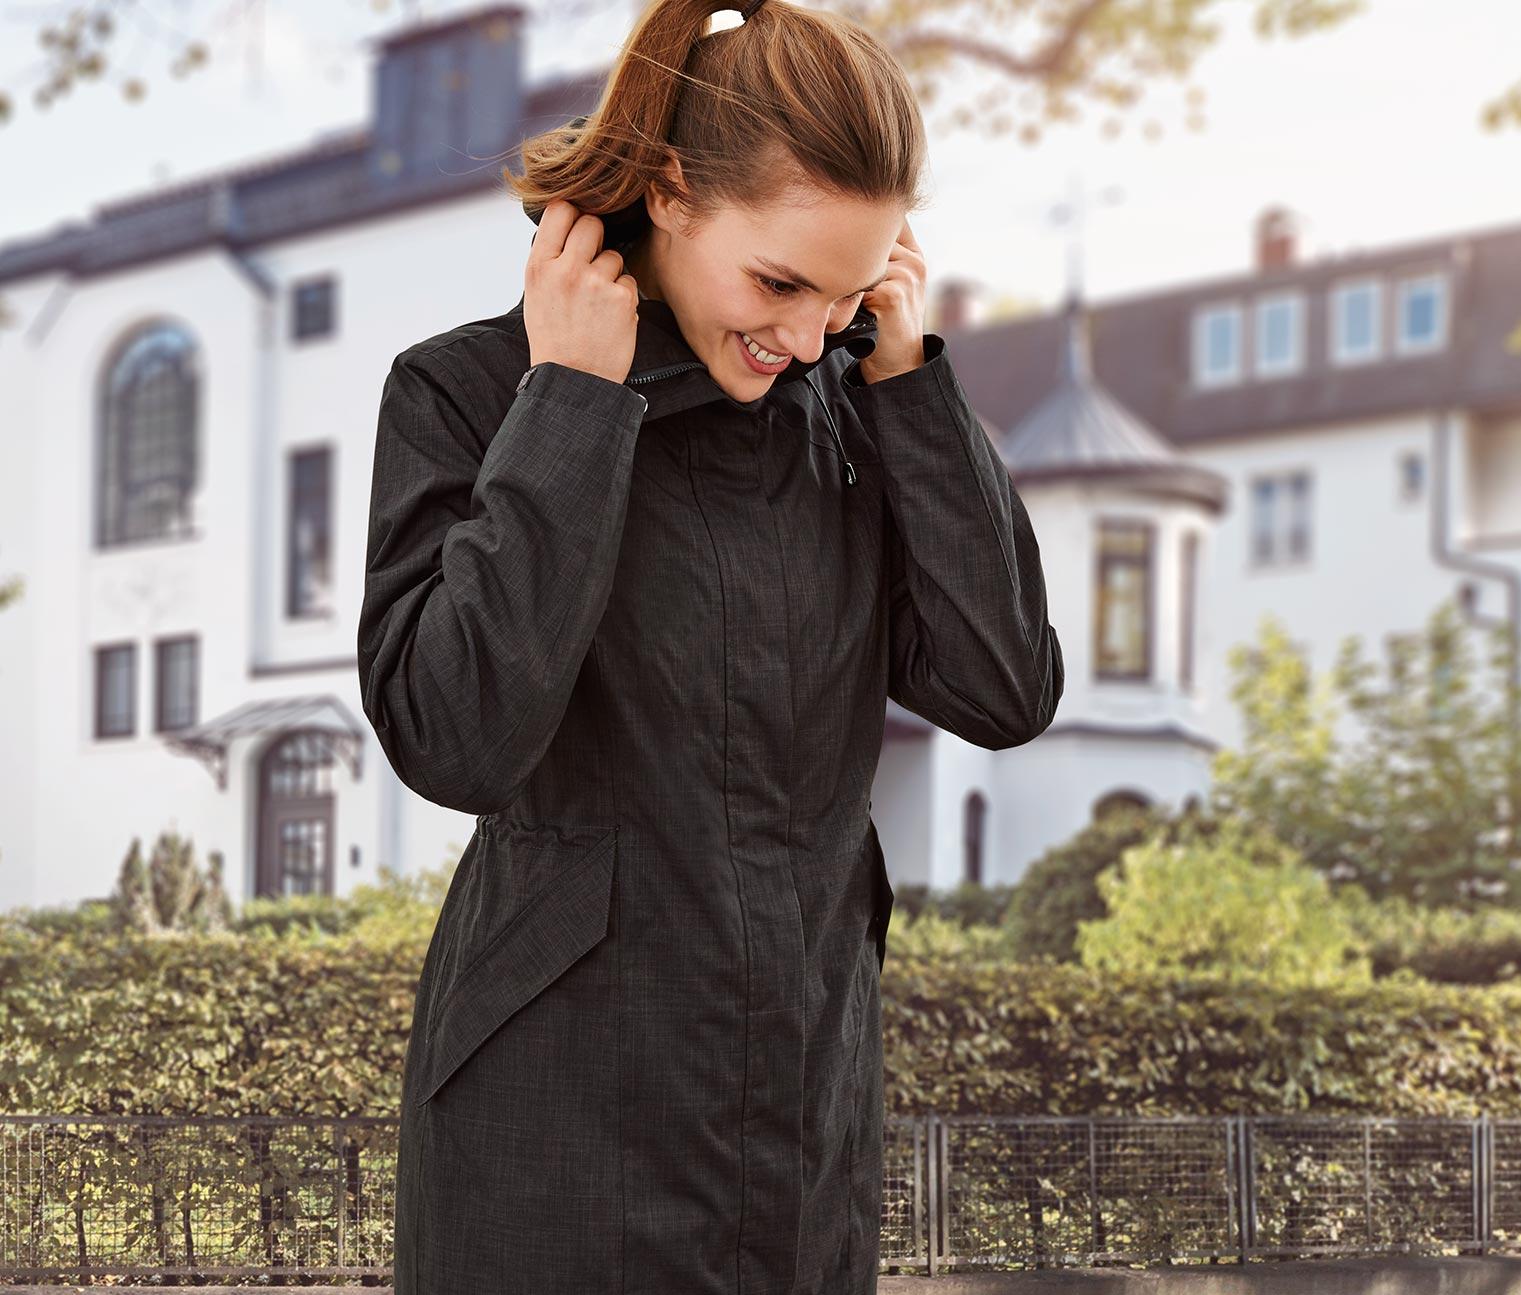 Sale bei [Tchibo] viele Jacken für Damen und Herren - z.B. 3-in-1 Funktionsjacke für 33,95€ statt ca. 70€